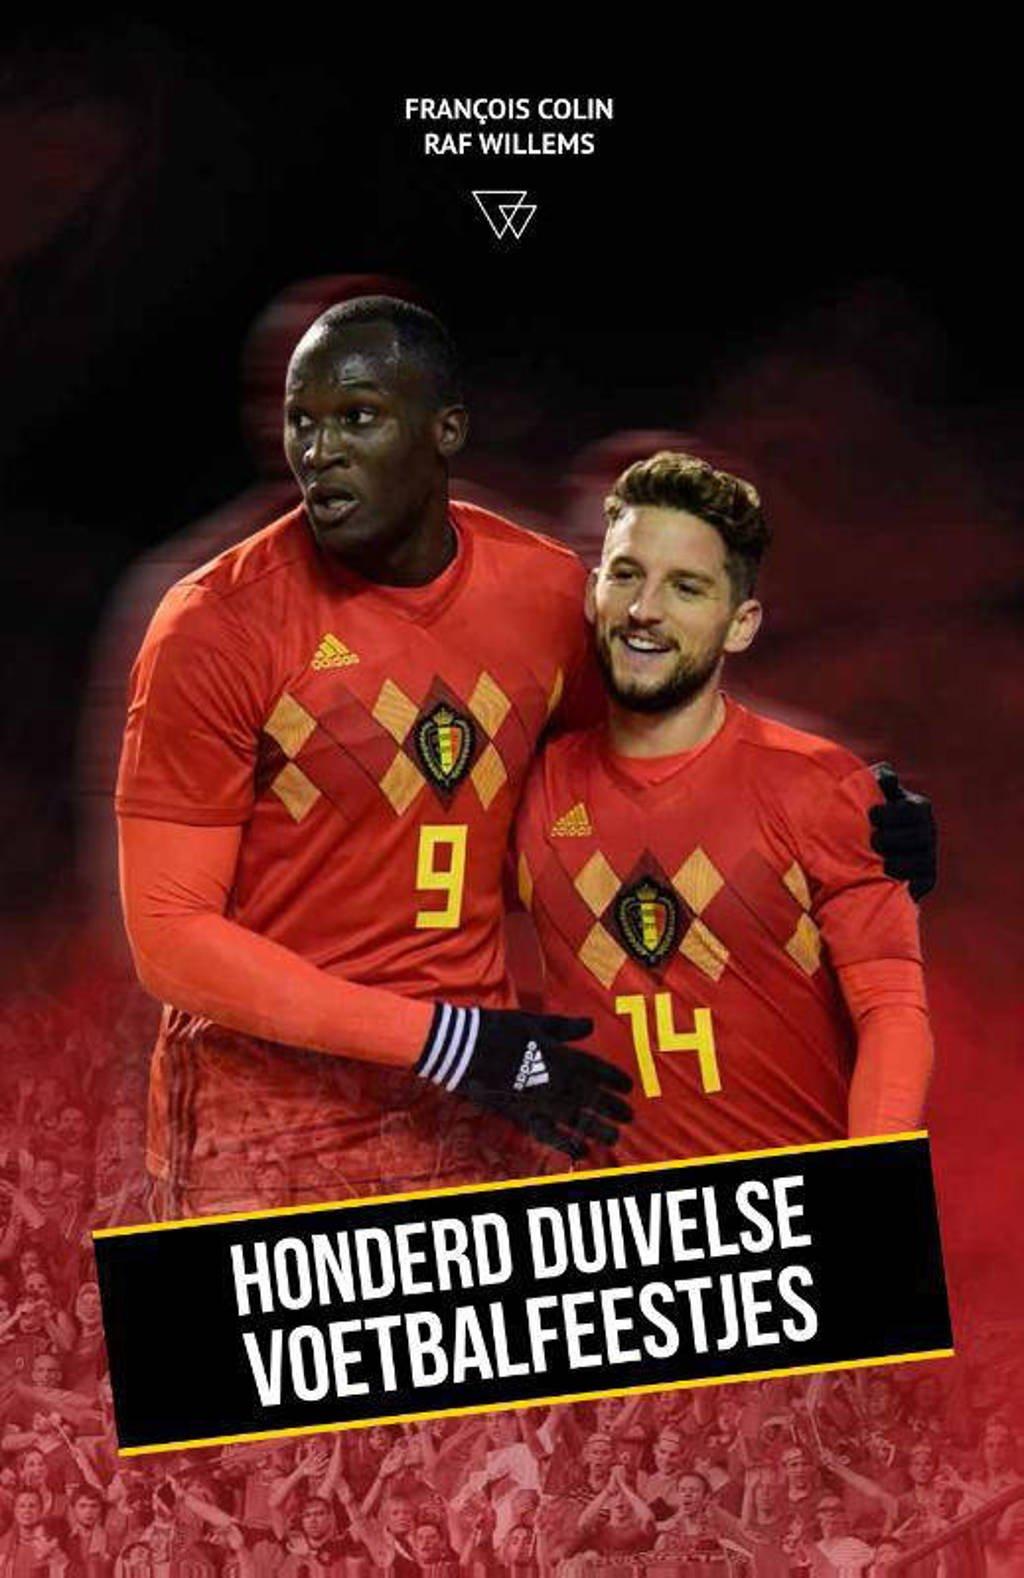 Honderd Duivelse voetbalfeestjes - François Colin en Raf Willems